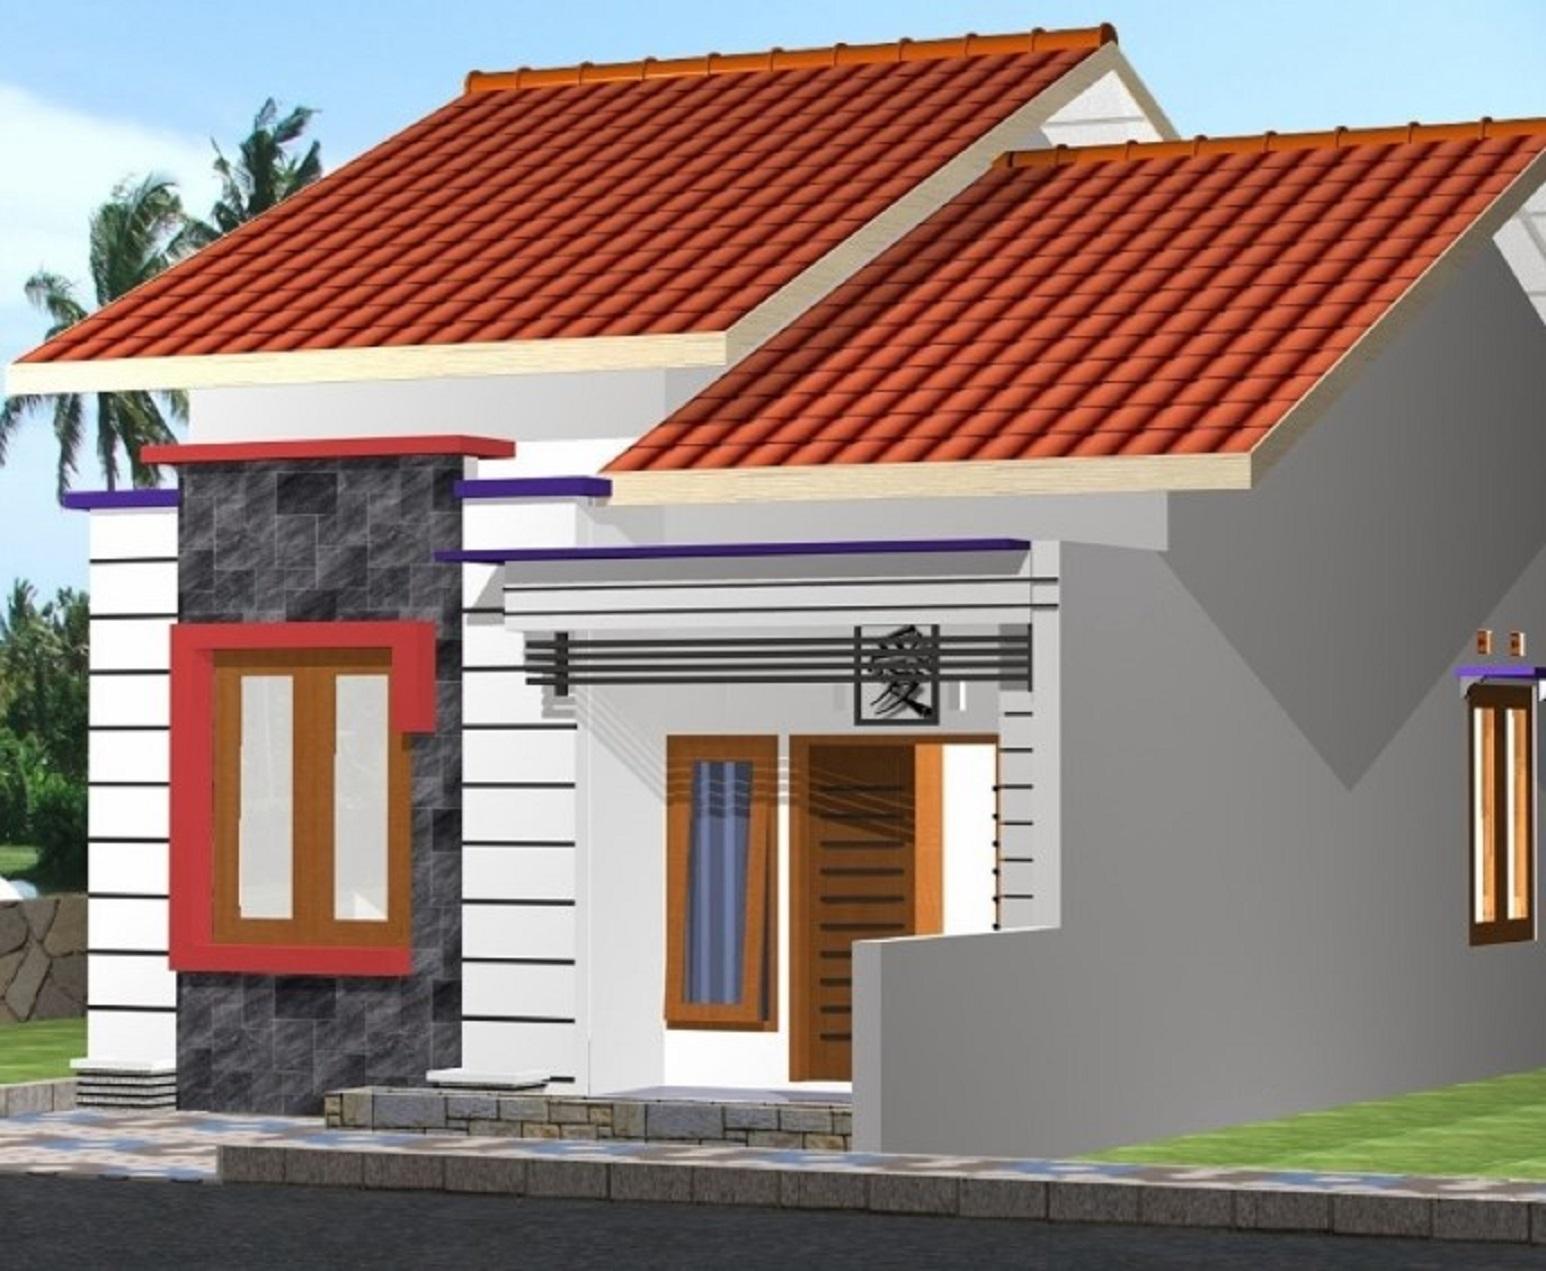 Foto Rumah Minimalis Sederhana 1 Lantai